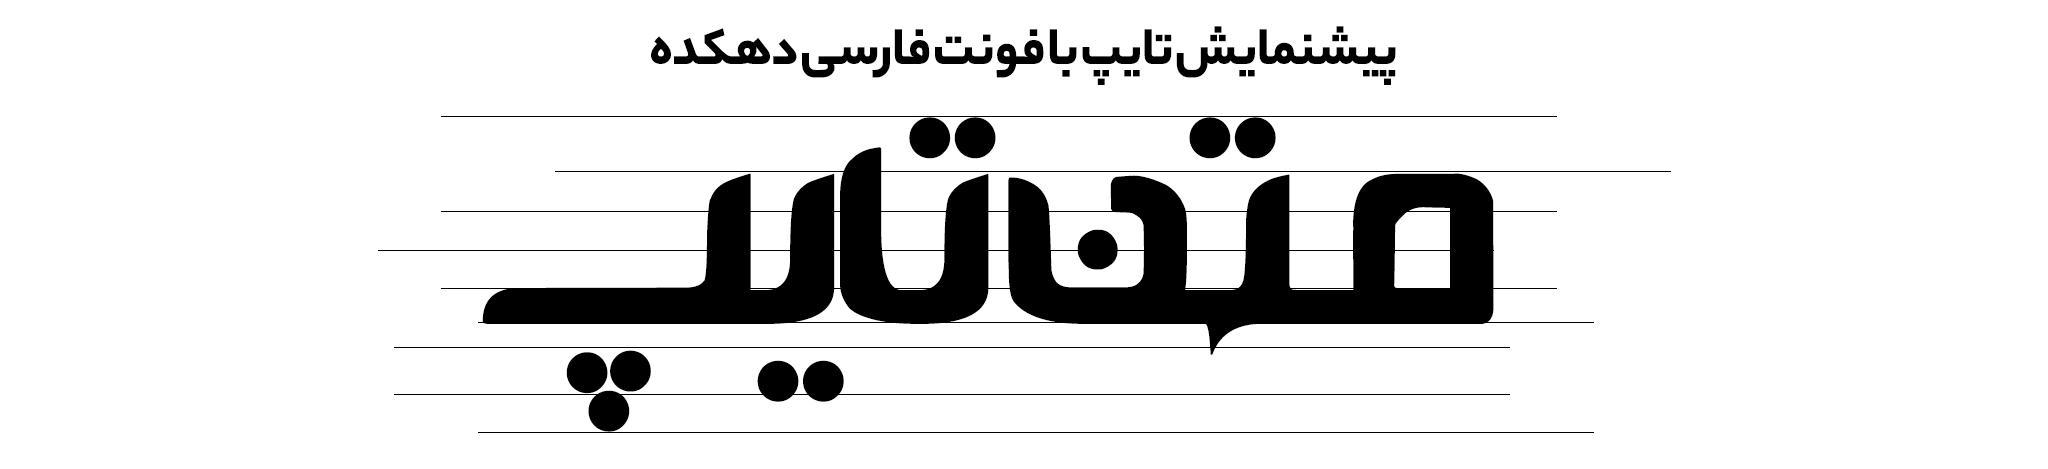 دانلود فونت تایپوگرافی فارسی دهکده